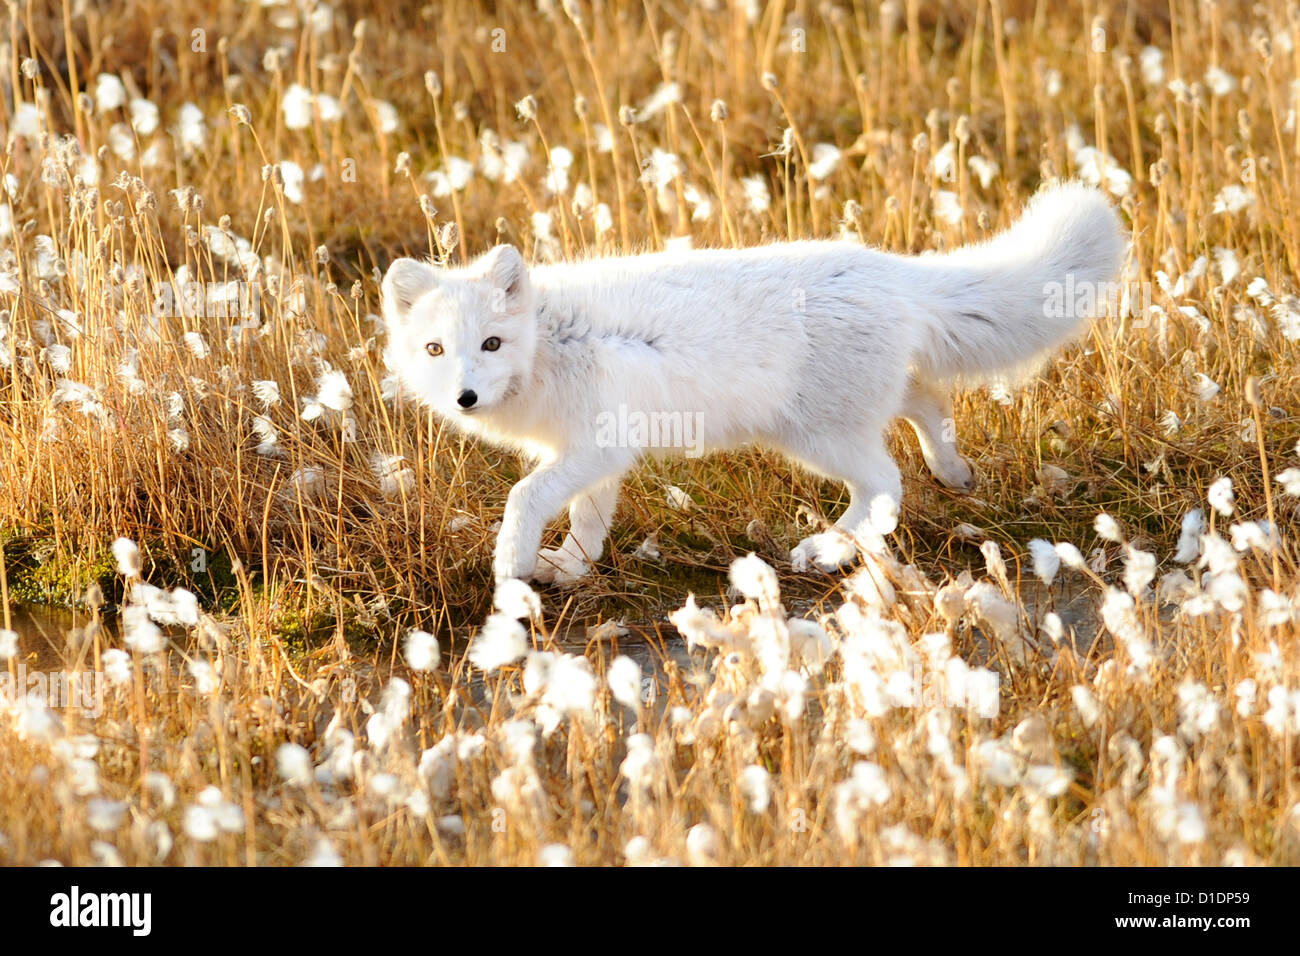 Ein Polarfuchs durchschreitet Wollgras 17. September 2012 in Pituffik, Grönland. Stockbild